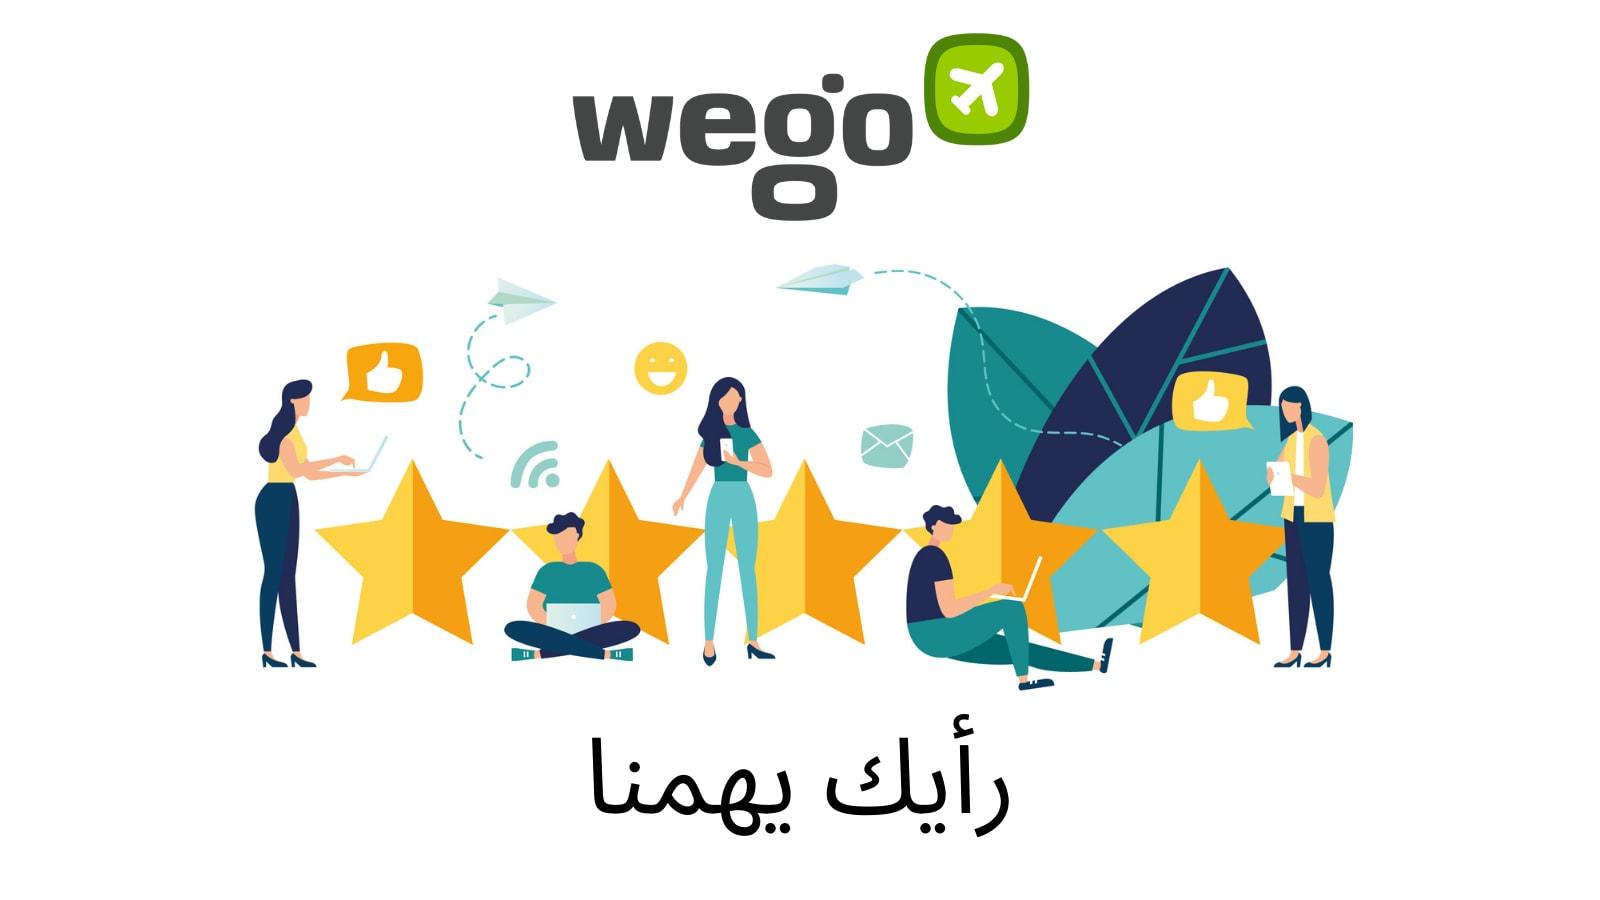 Wego Feedback Survey Arabic